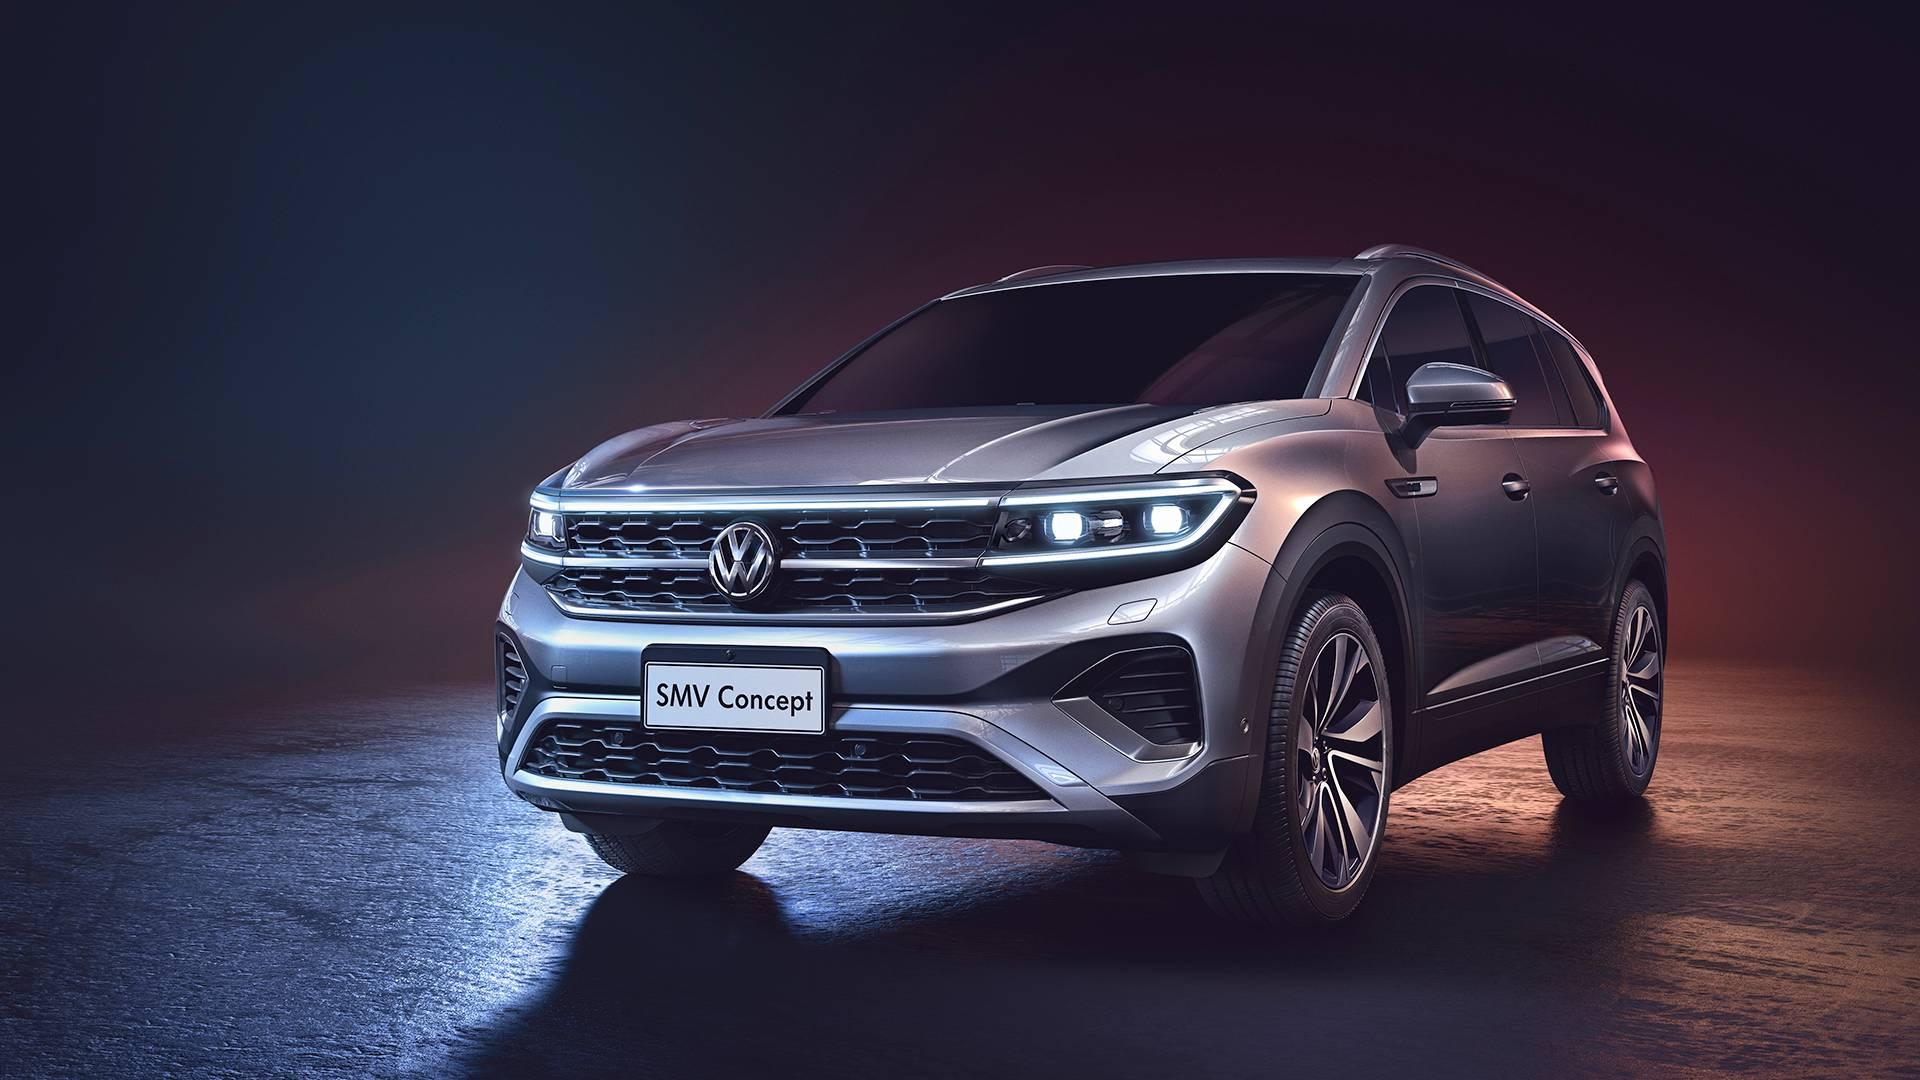 Volkswagen SMV Concept (4)